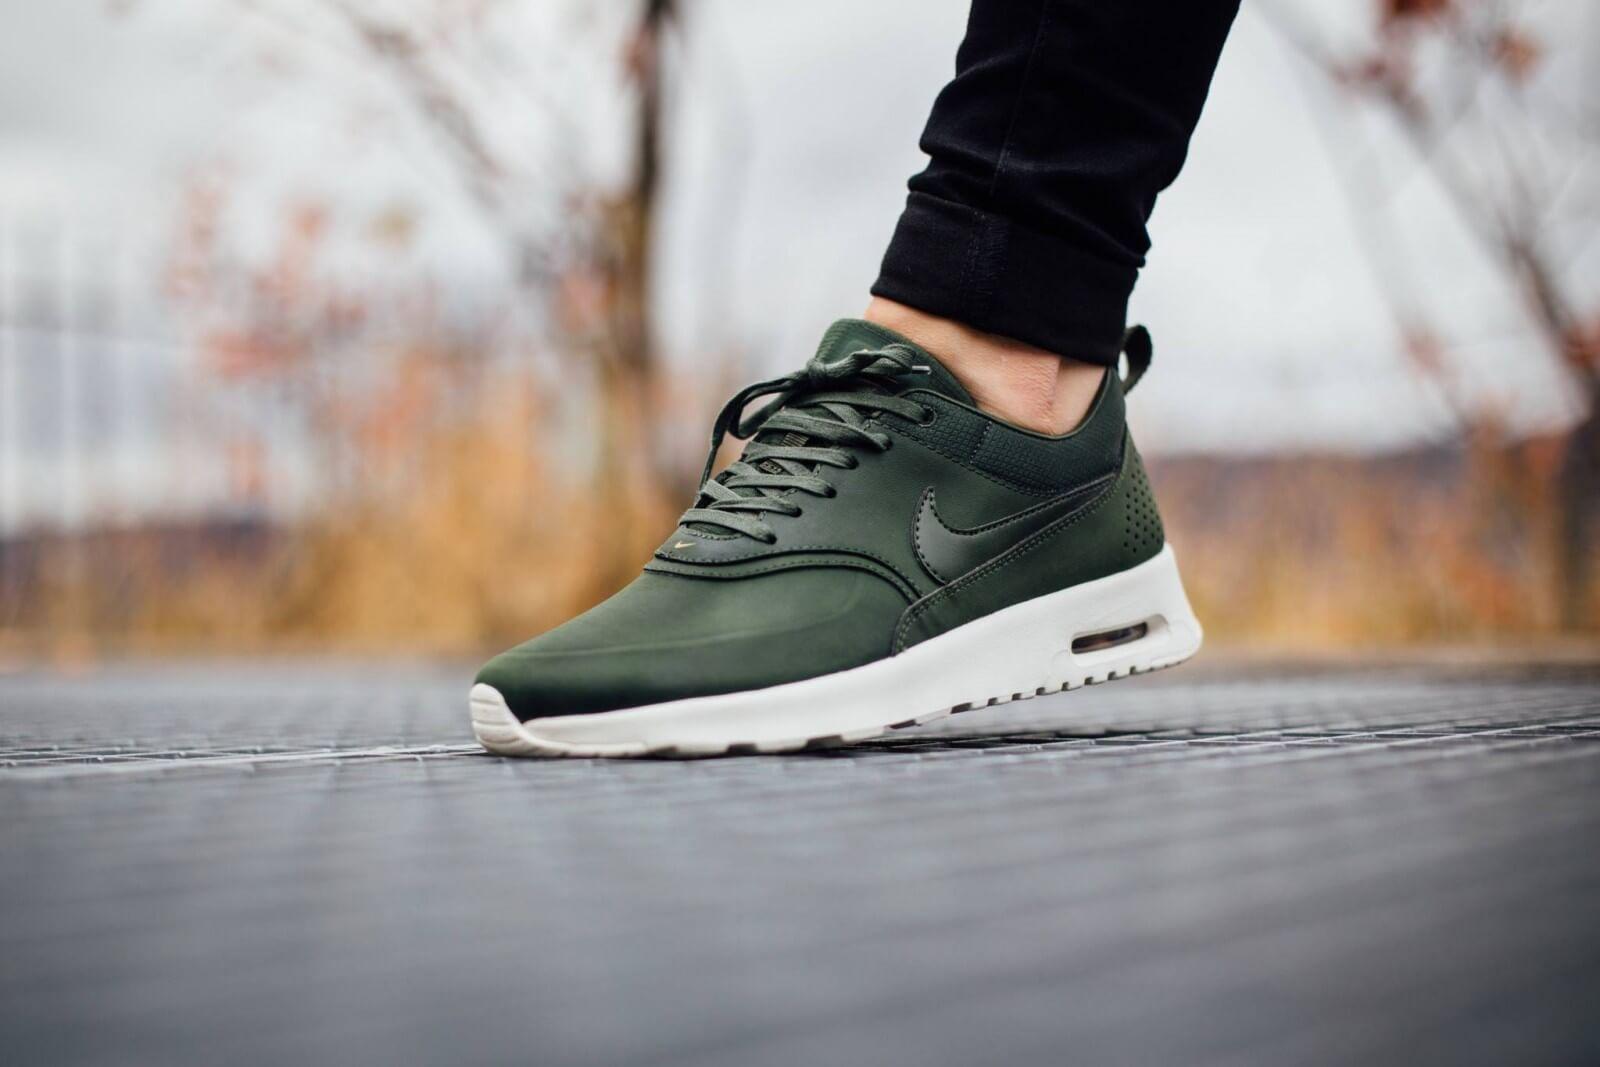 Nike Air Max Thea PRM Carbon Green 616723 304 | Nike air max